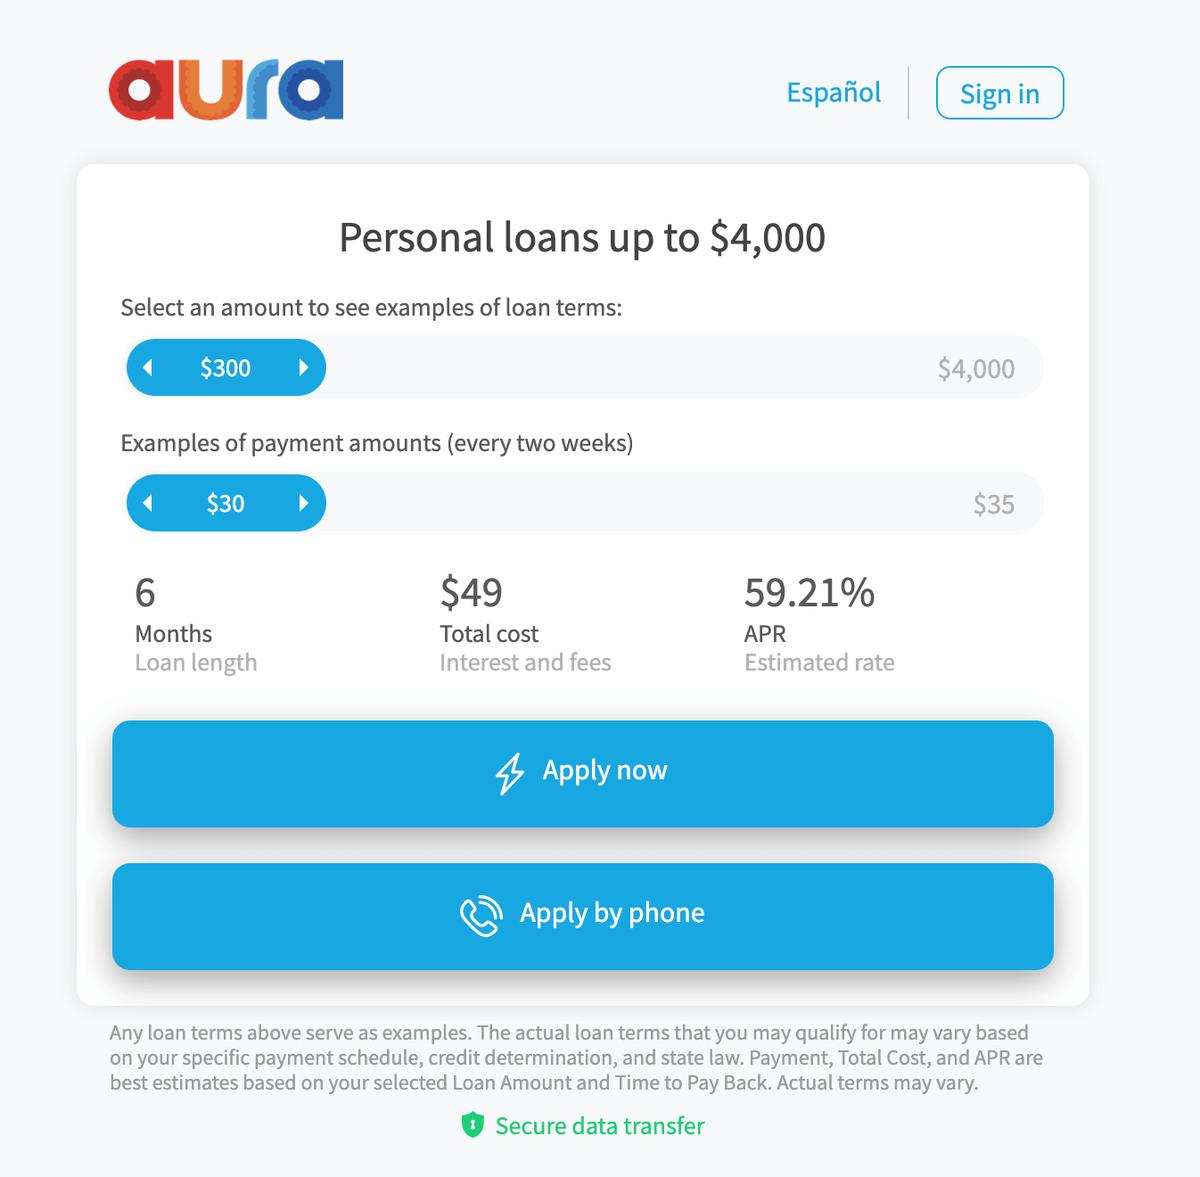 Aura 申請フォームの例